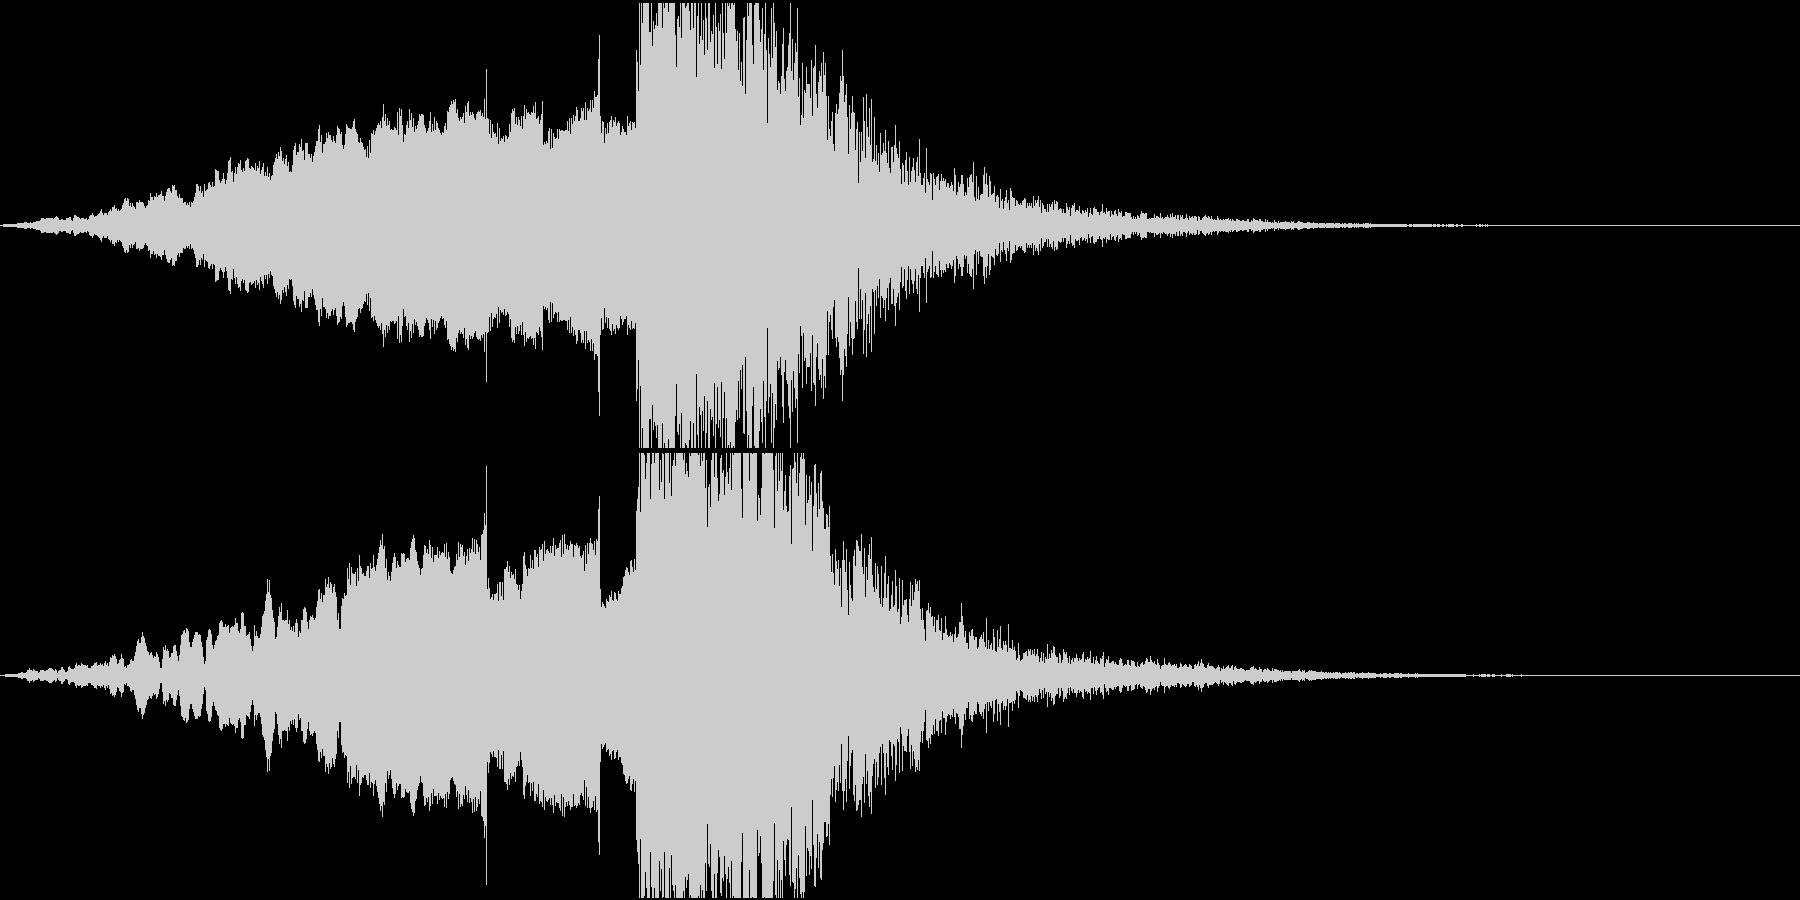 抽象的でスタイリッシュなサウンドロゴの未再生の波形